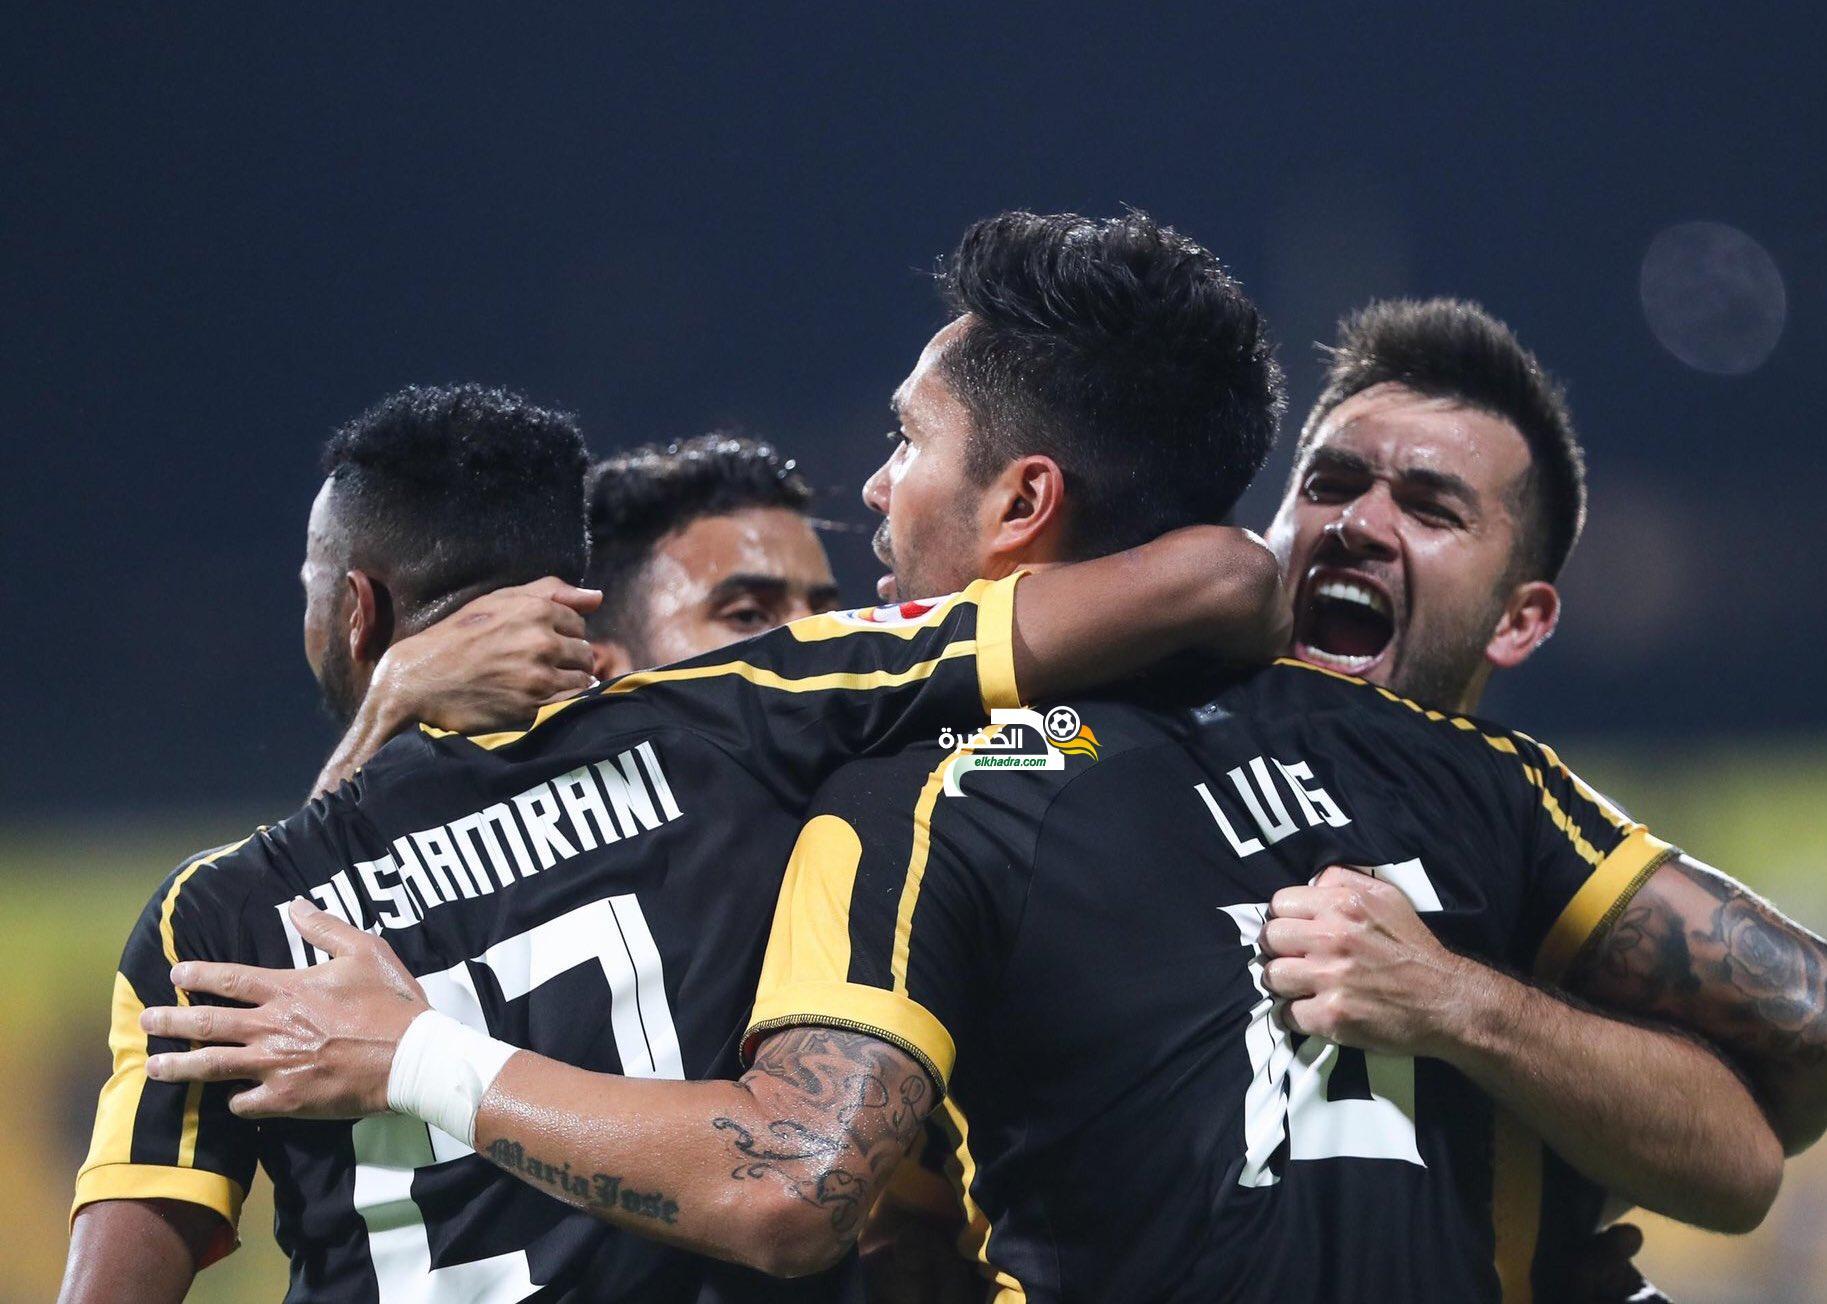 الاتحاد السعودي يهزم ذوب آهن بثنائية في دوري أبطال آسيا 17